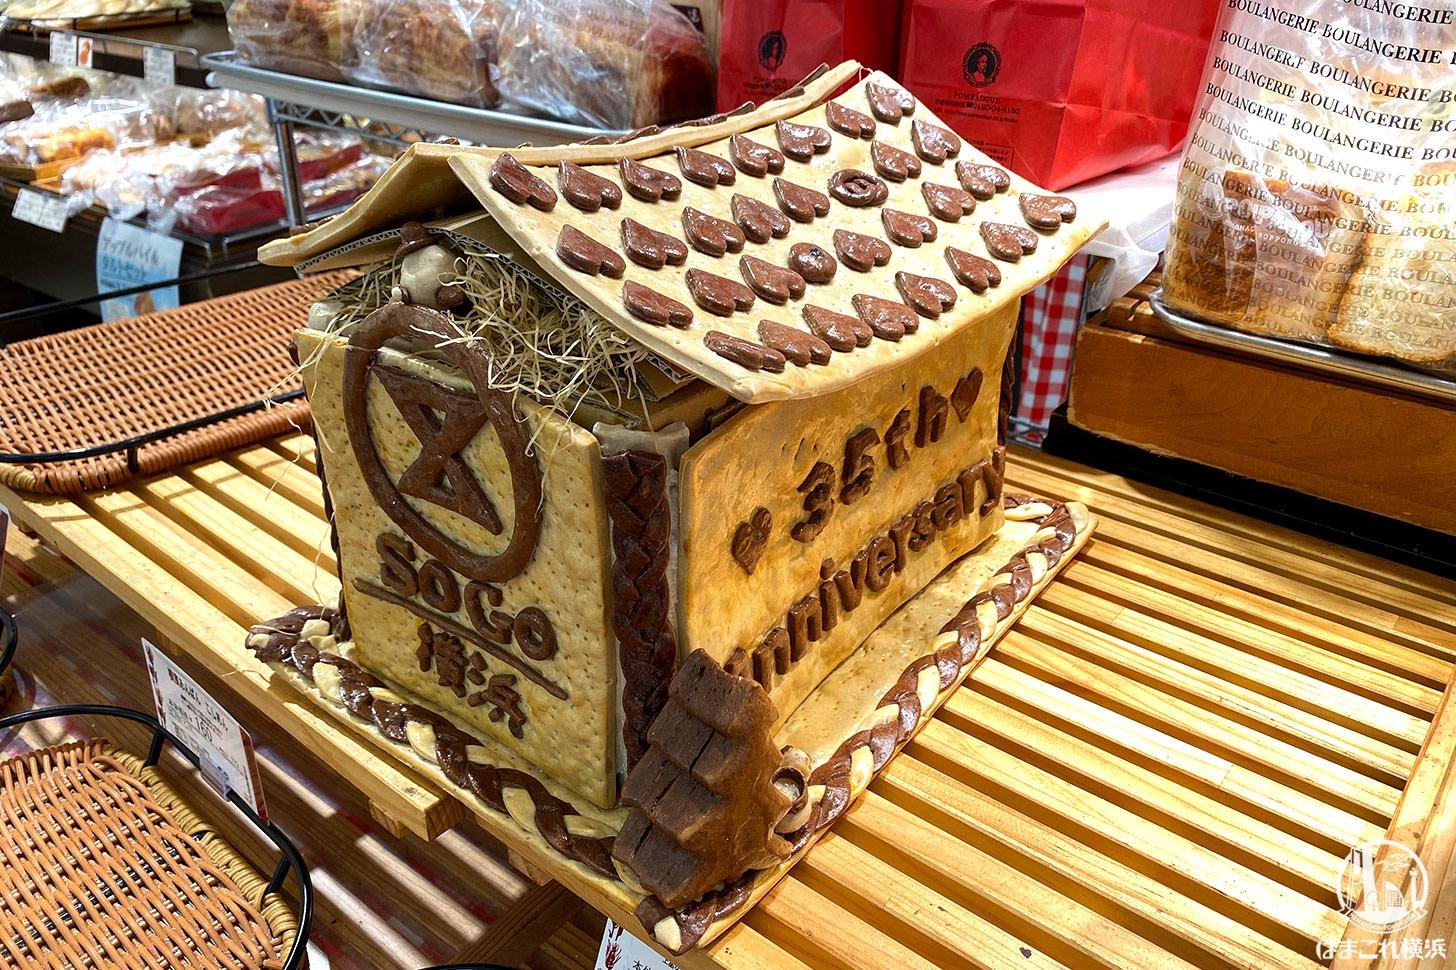 ポンパドウル そごう横浜店35th Anniversary パン